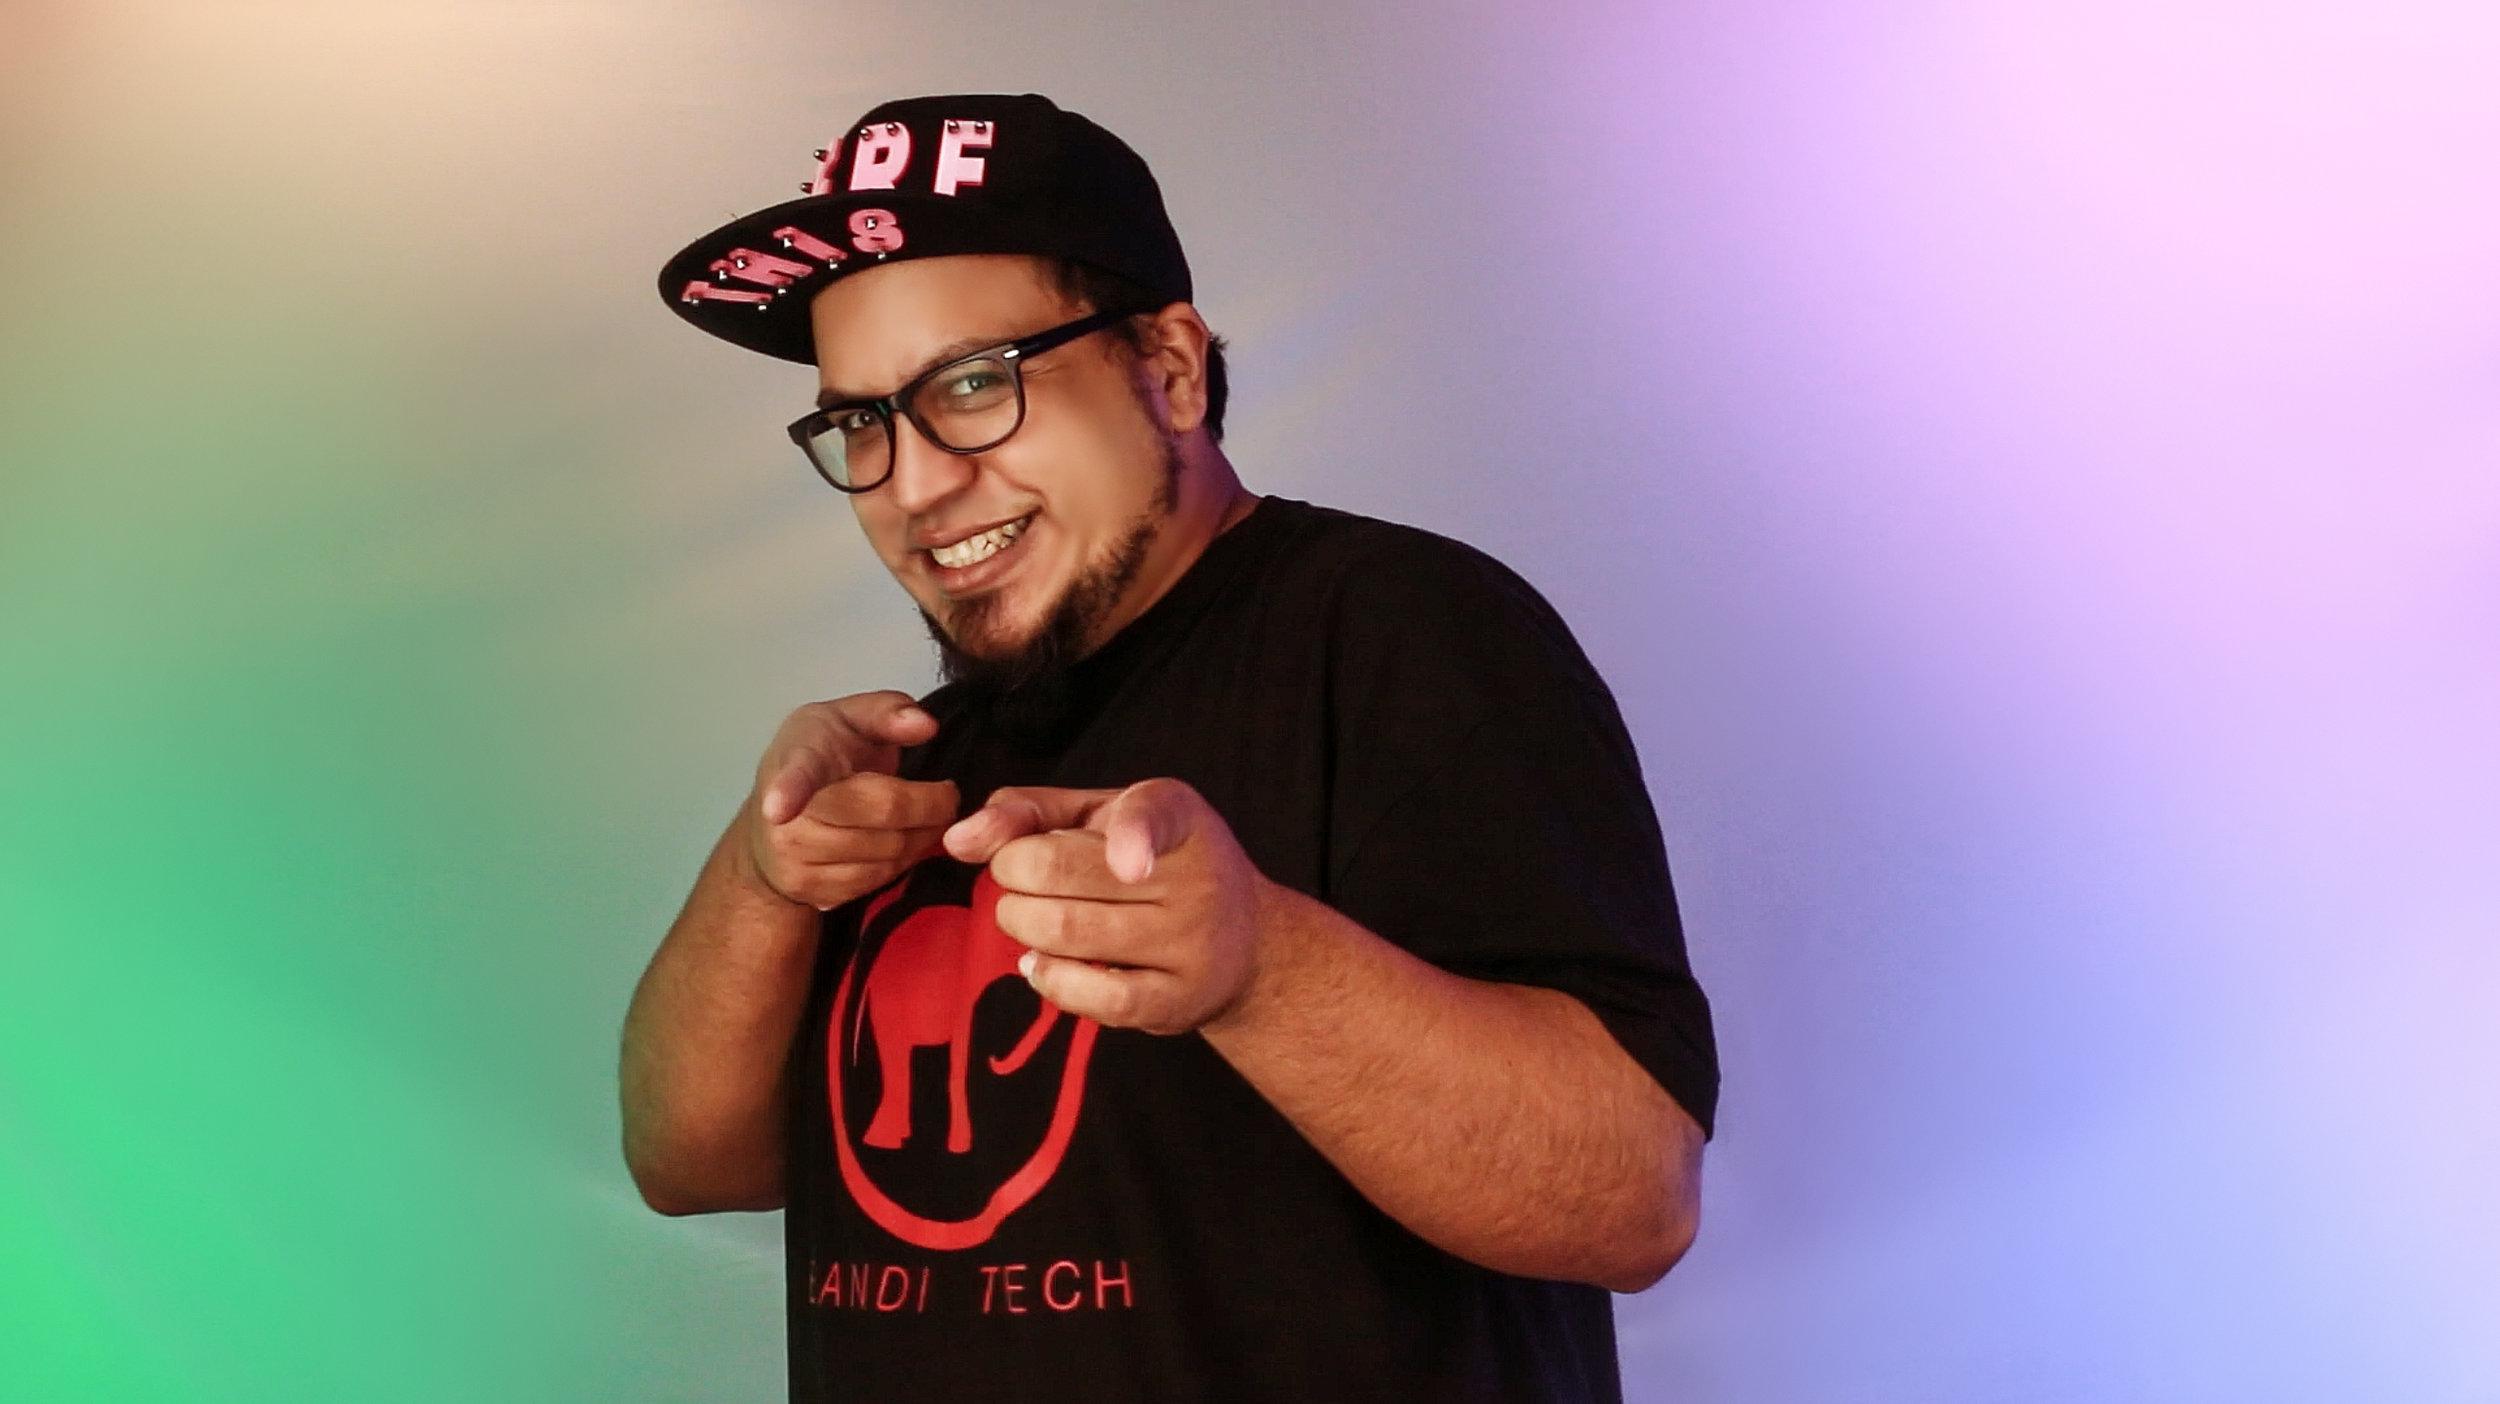 Antonio Avila - Filmmaker/Editor, Social Media Manager